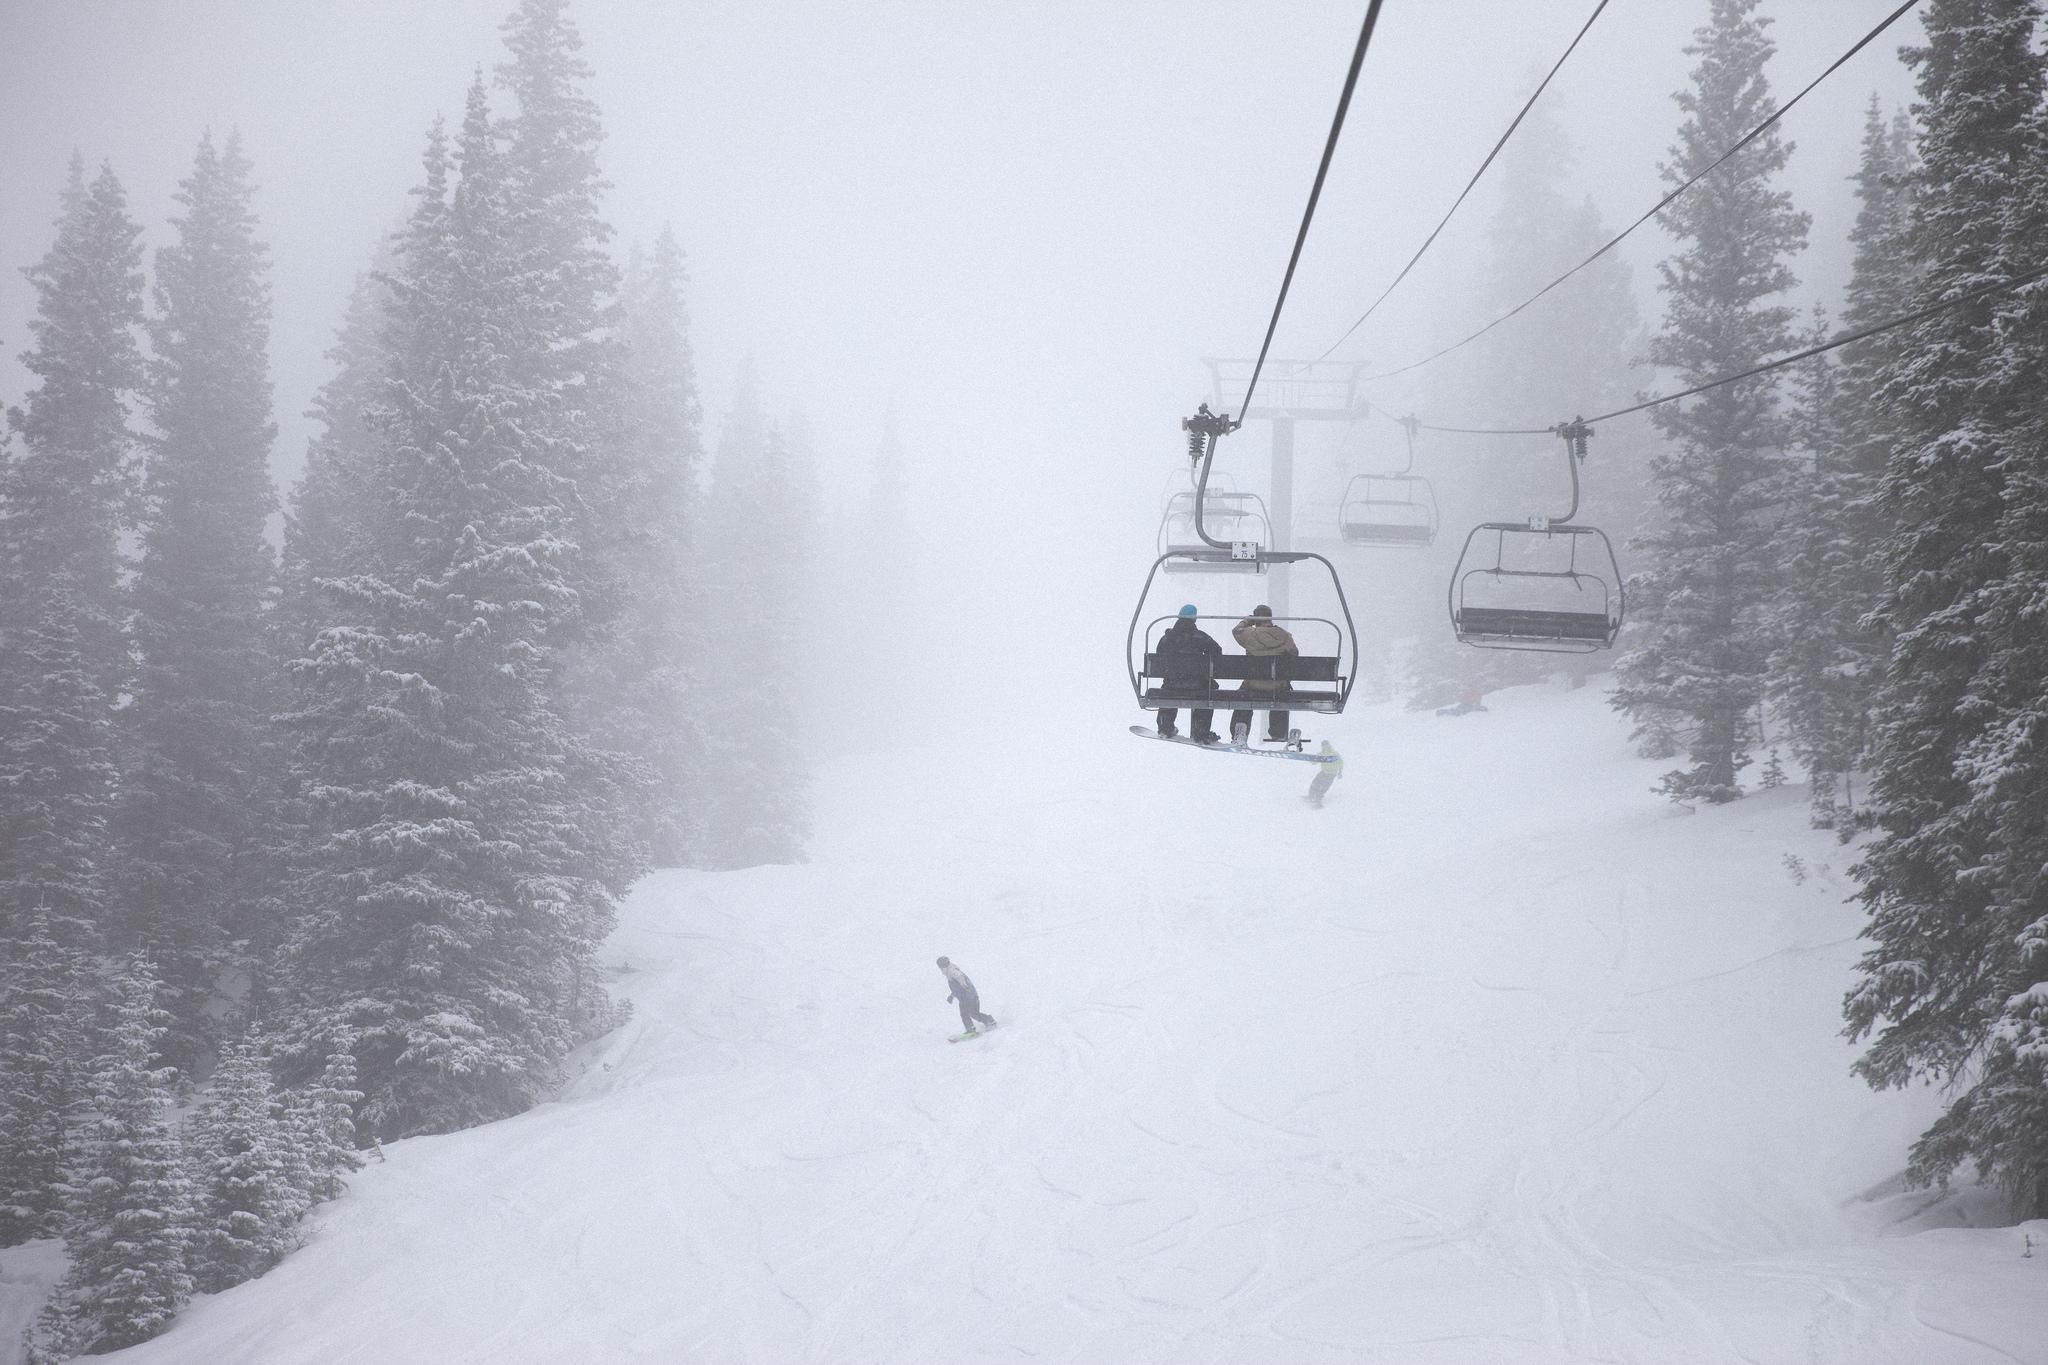 Riding through a blizzard at Aspen/Snowmass.